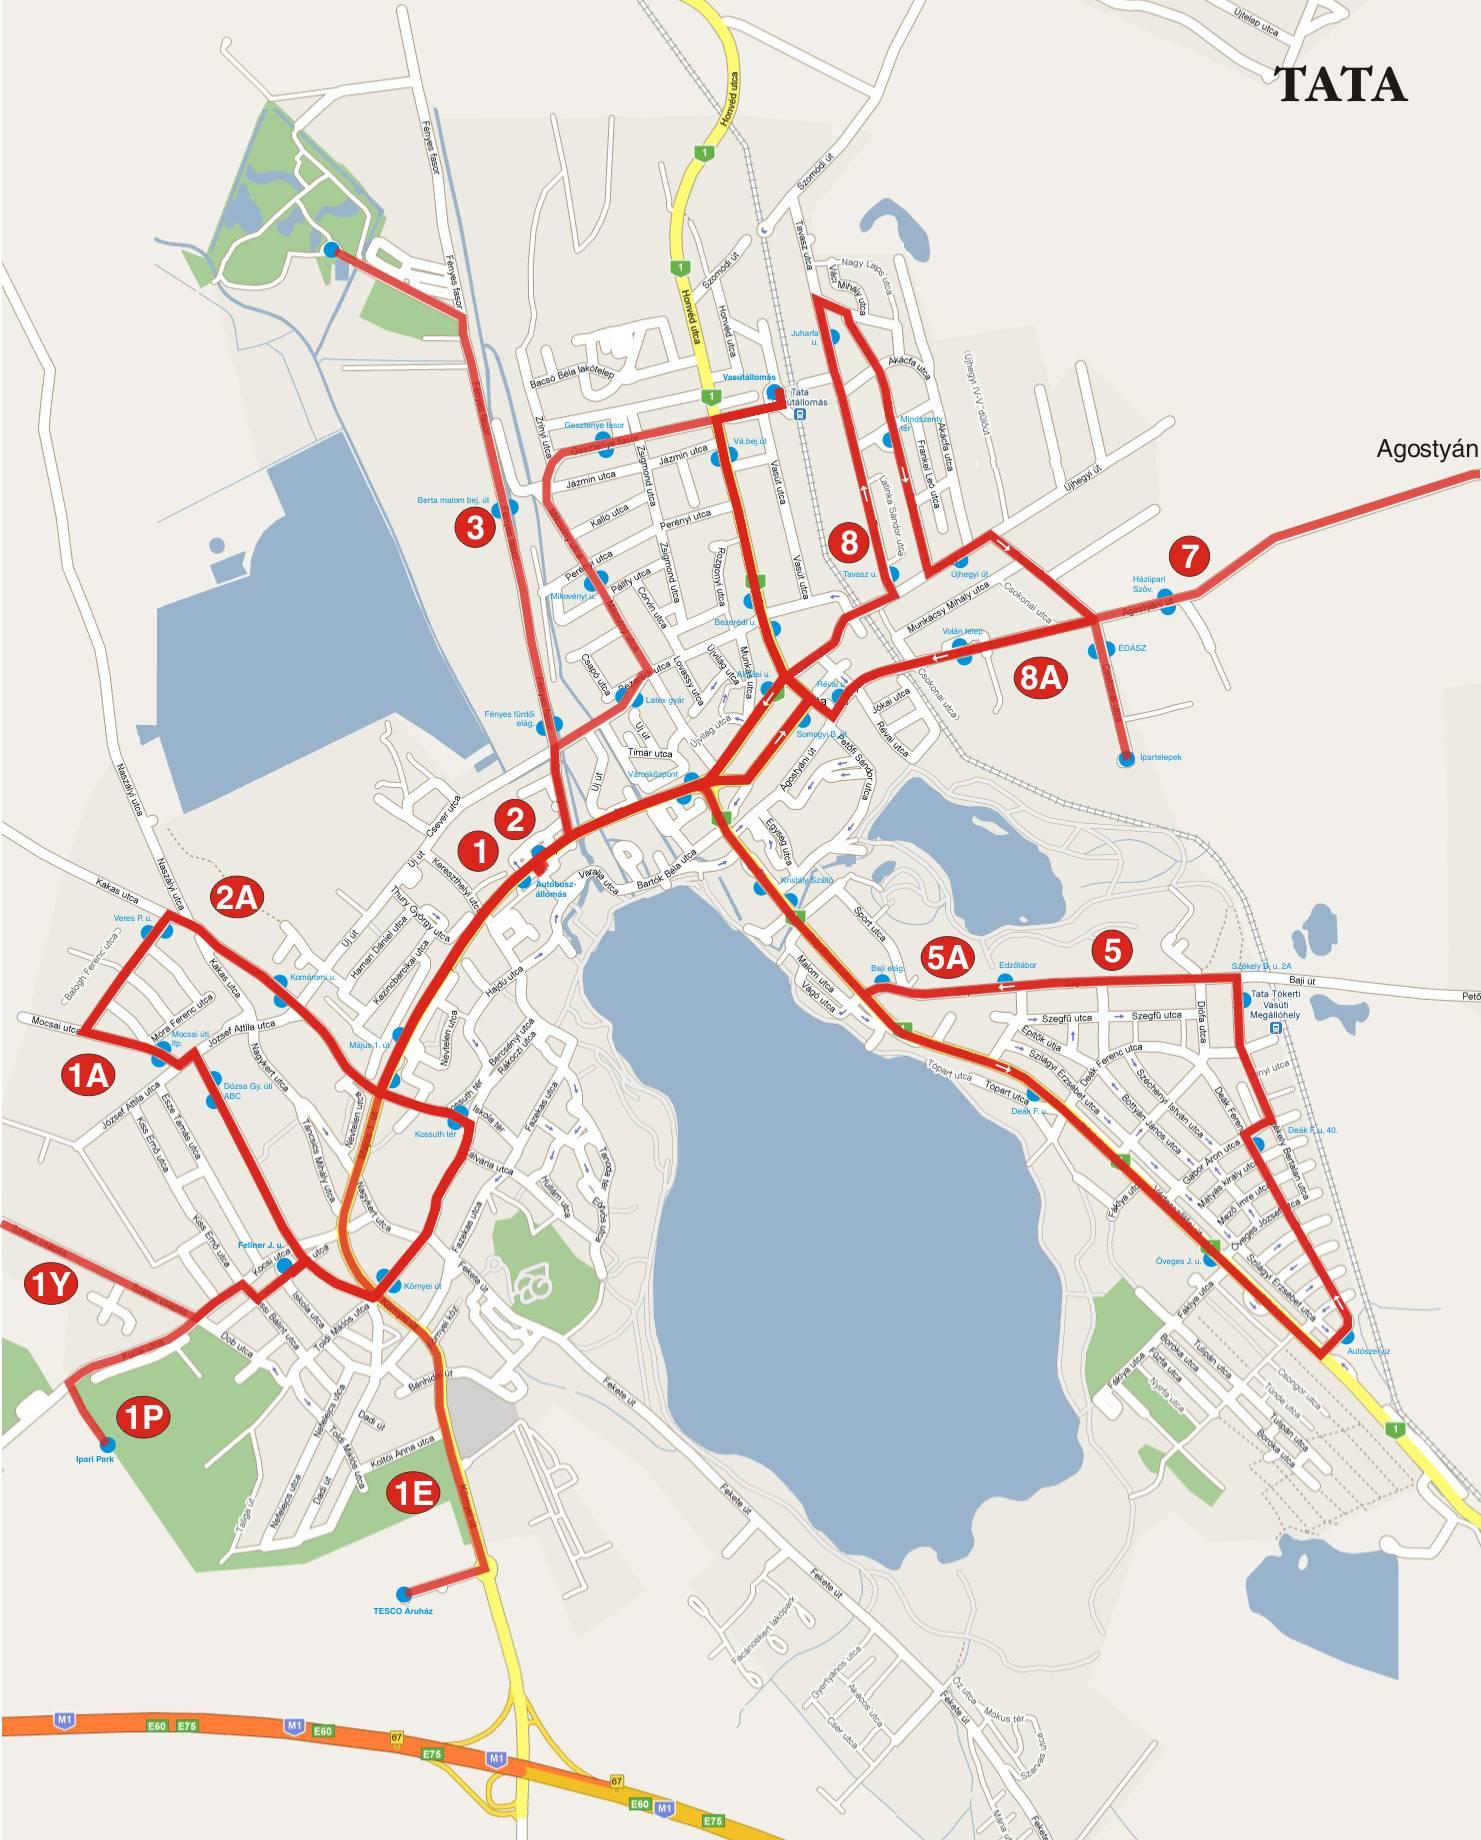 tata térkép látnivalók Hogyan jussunk el Tatára?   Tatai Barangolások tata térkép látnivalók